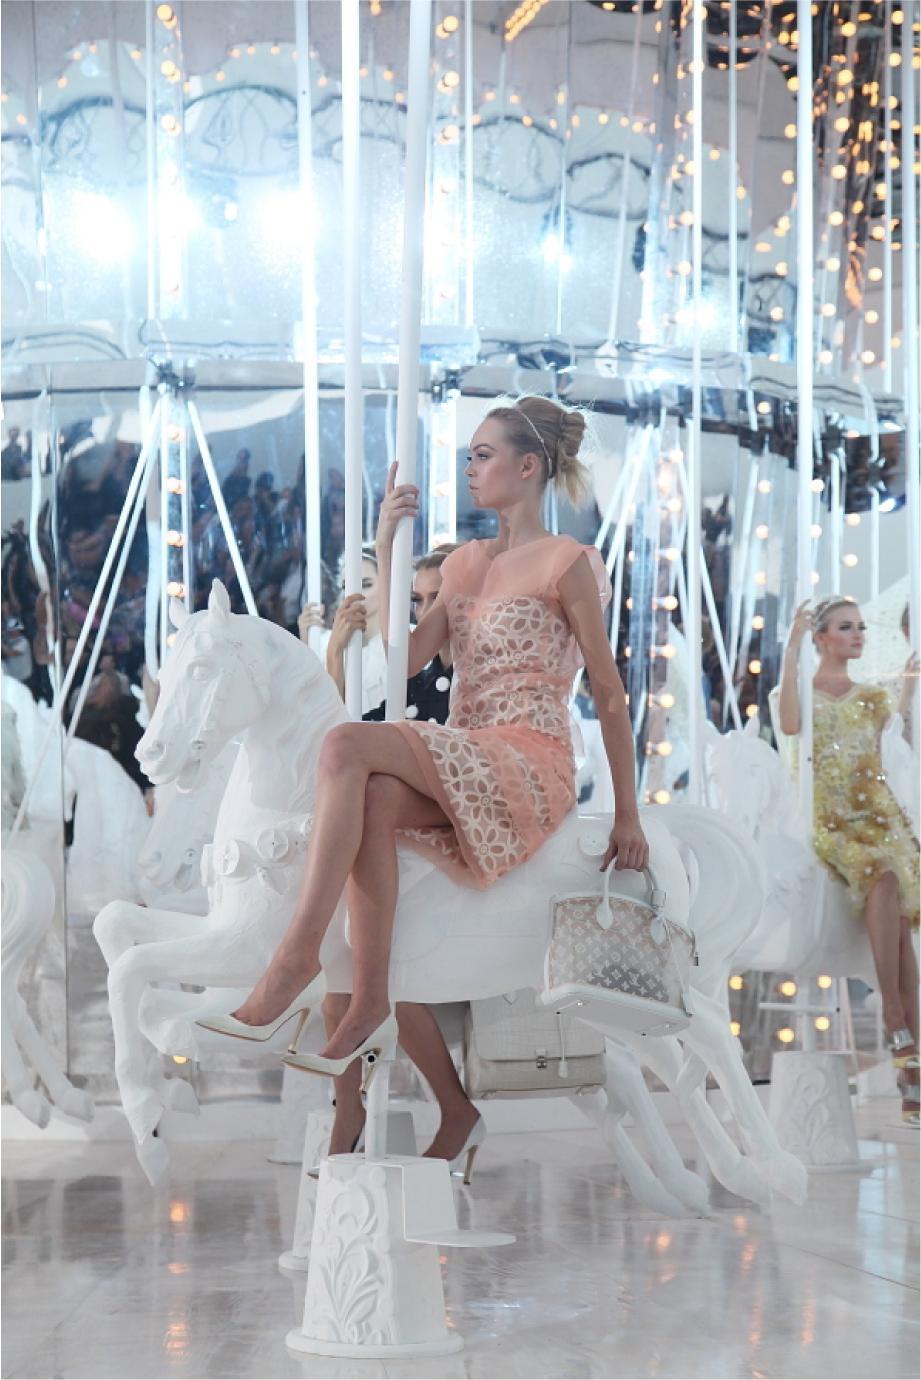 Haute Couture    A White